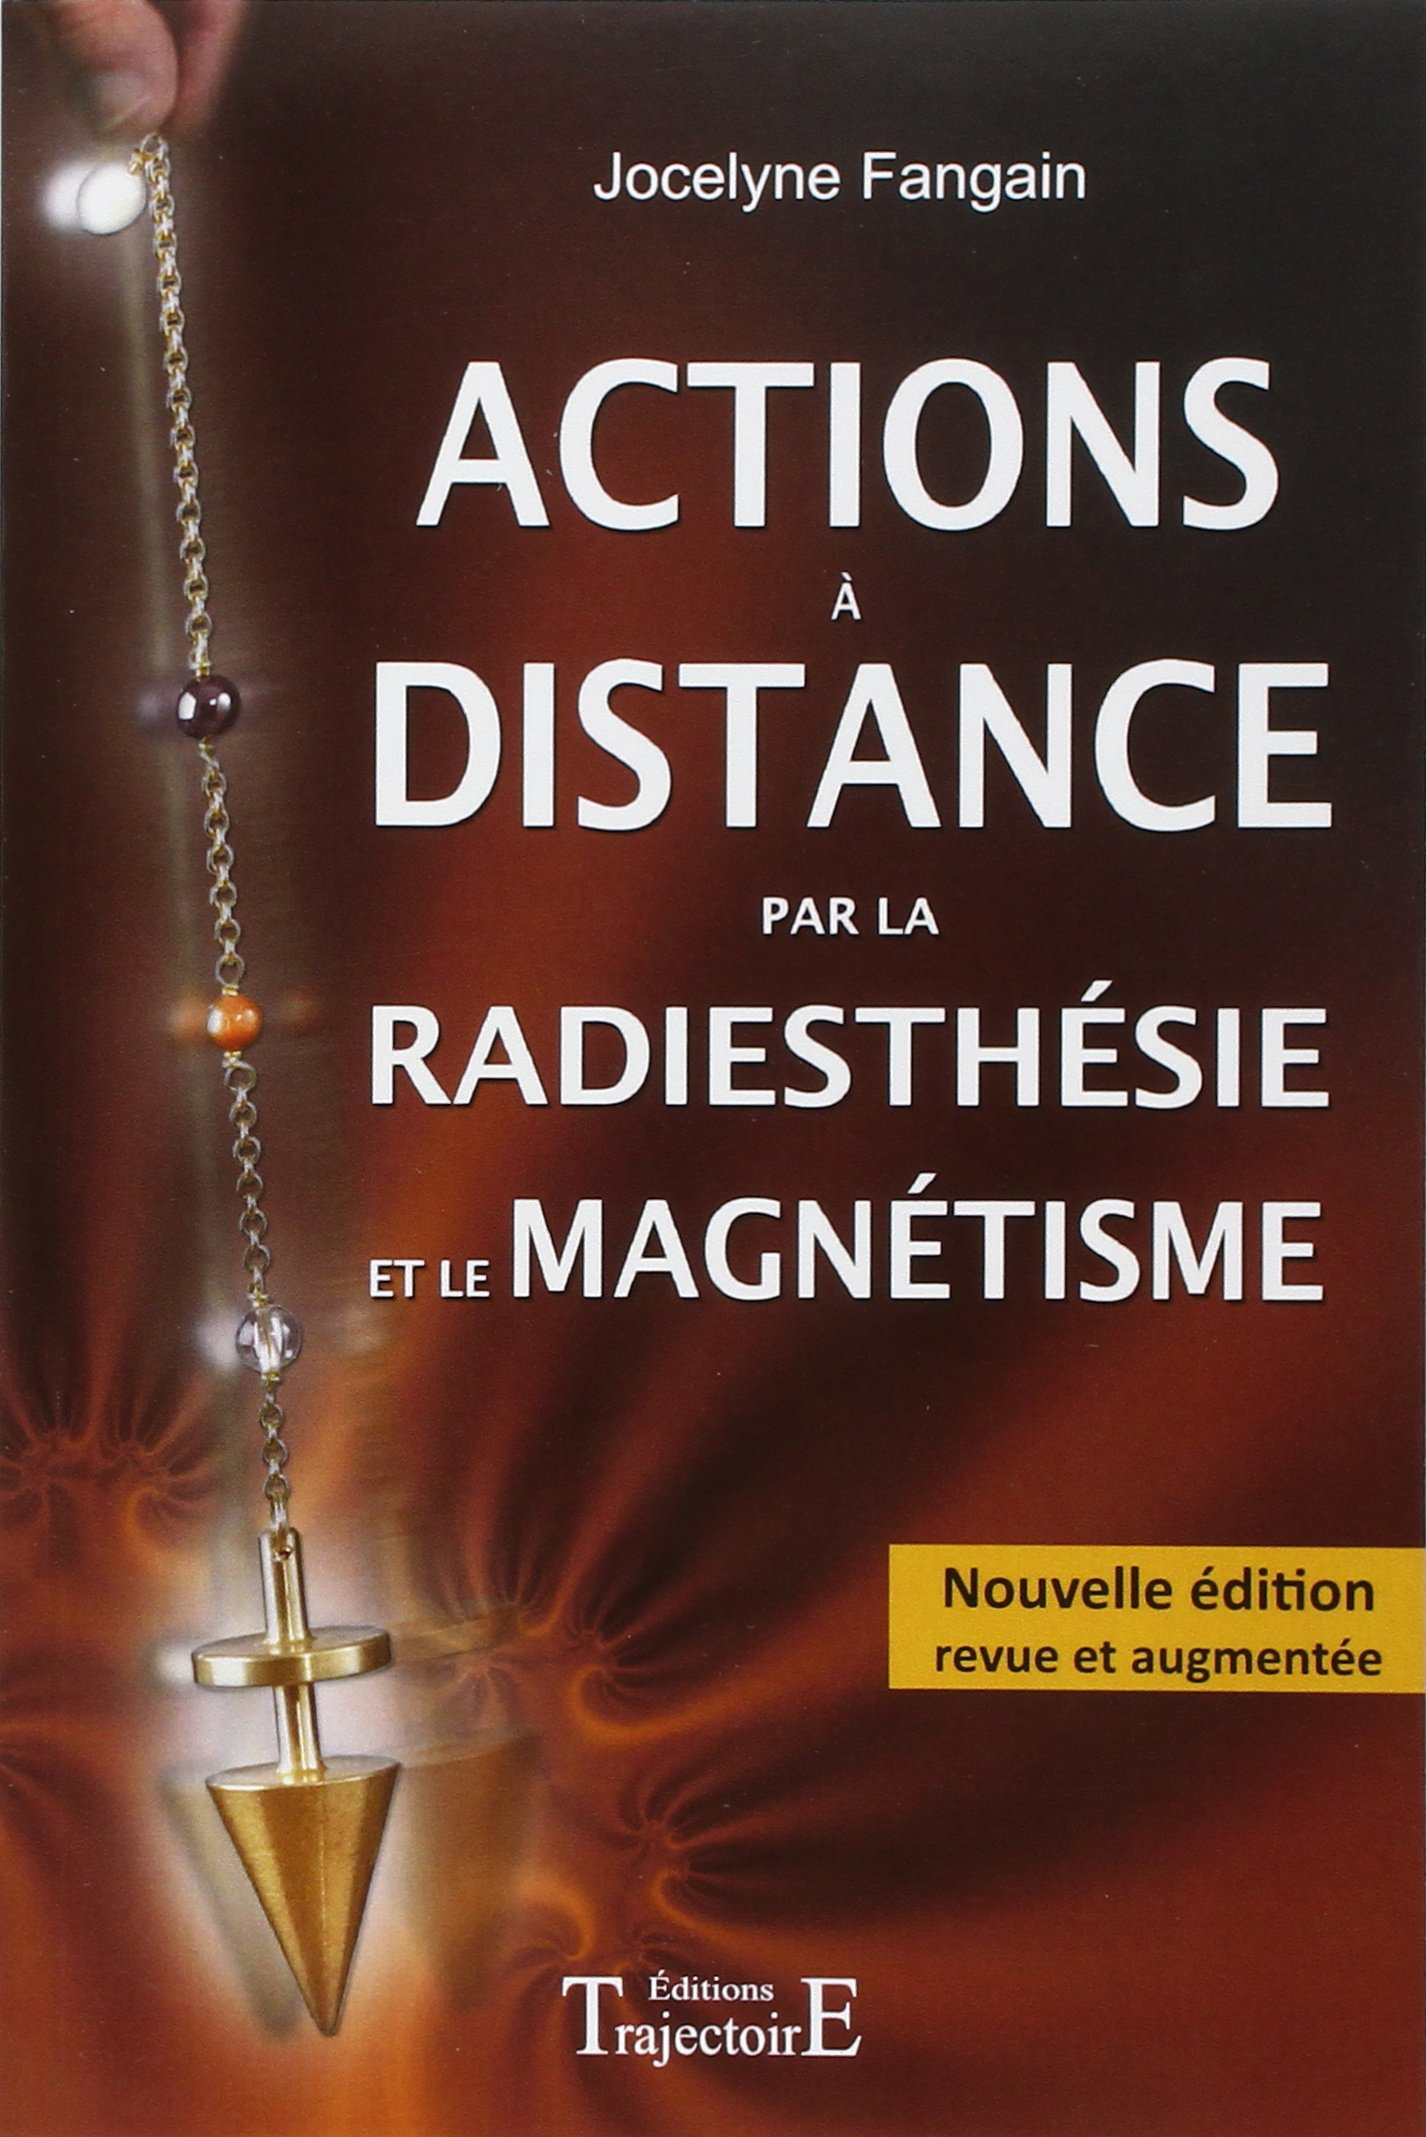 Actions à distance par la radiesthésie et le magnétisme